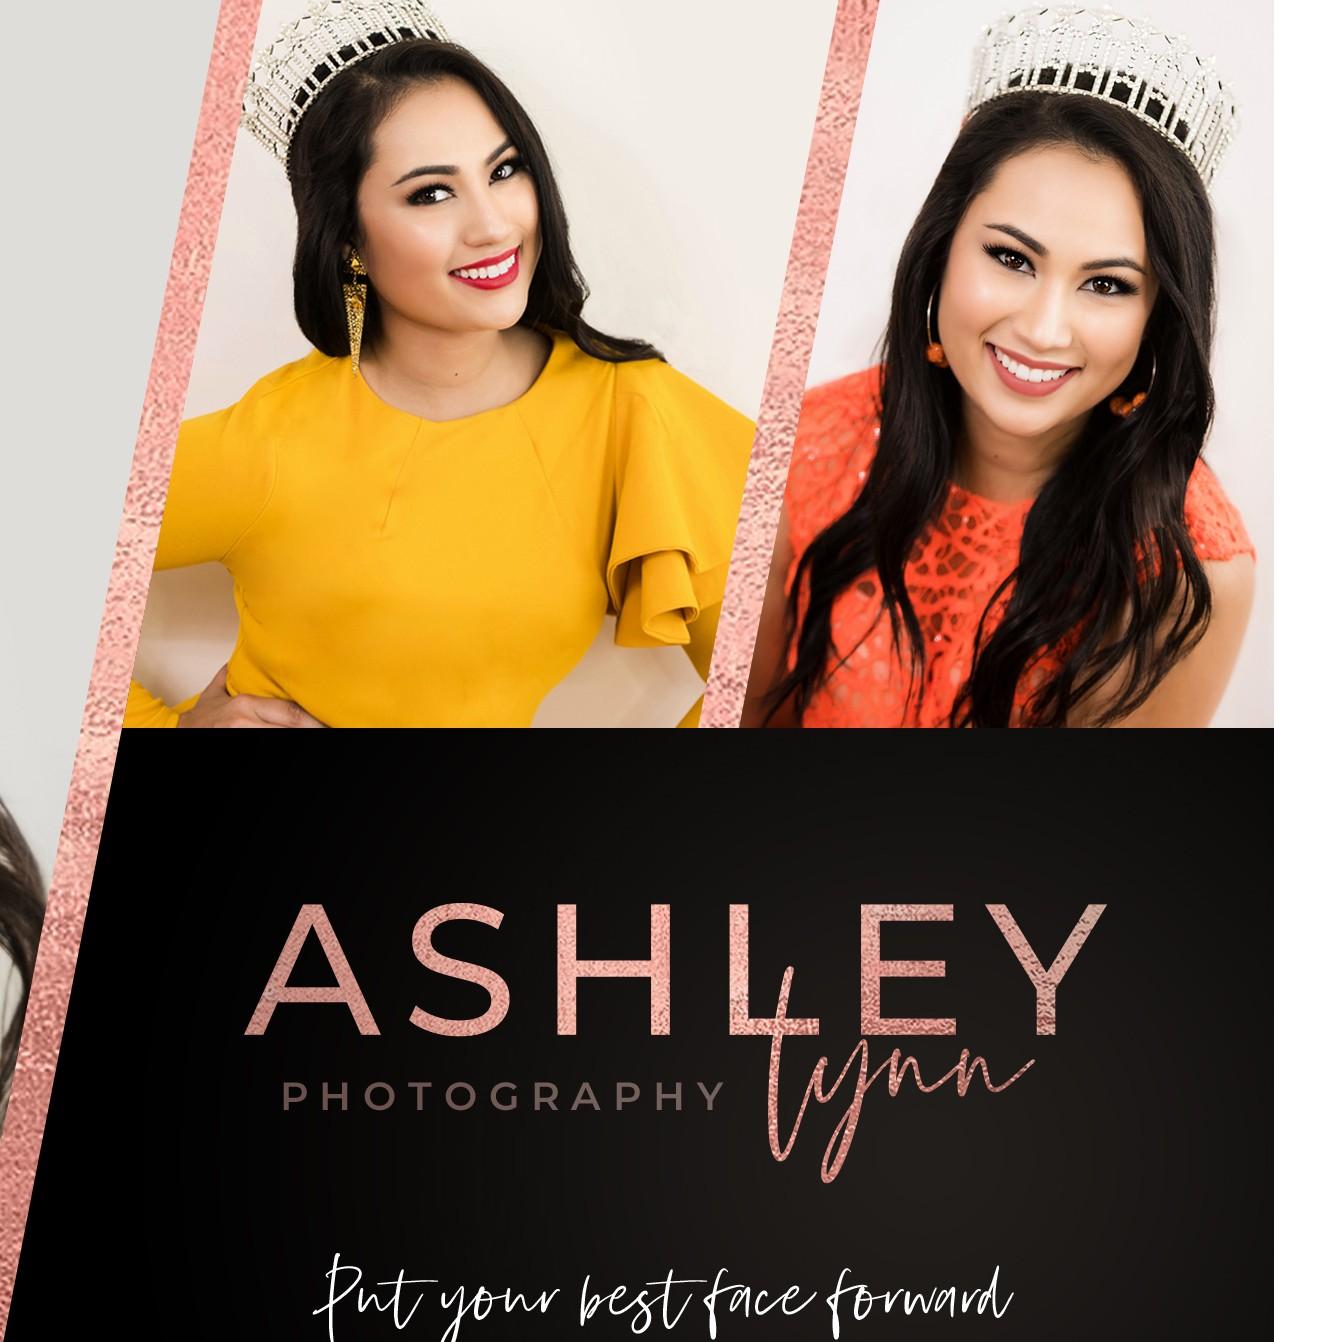 Ashley Lynn Photography